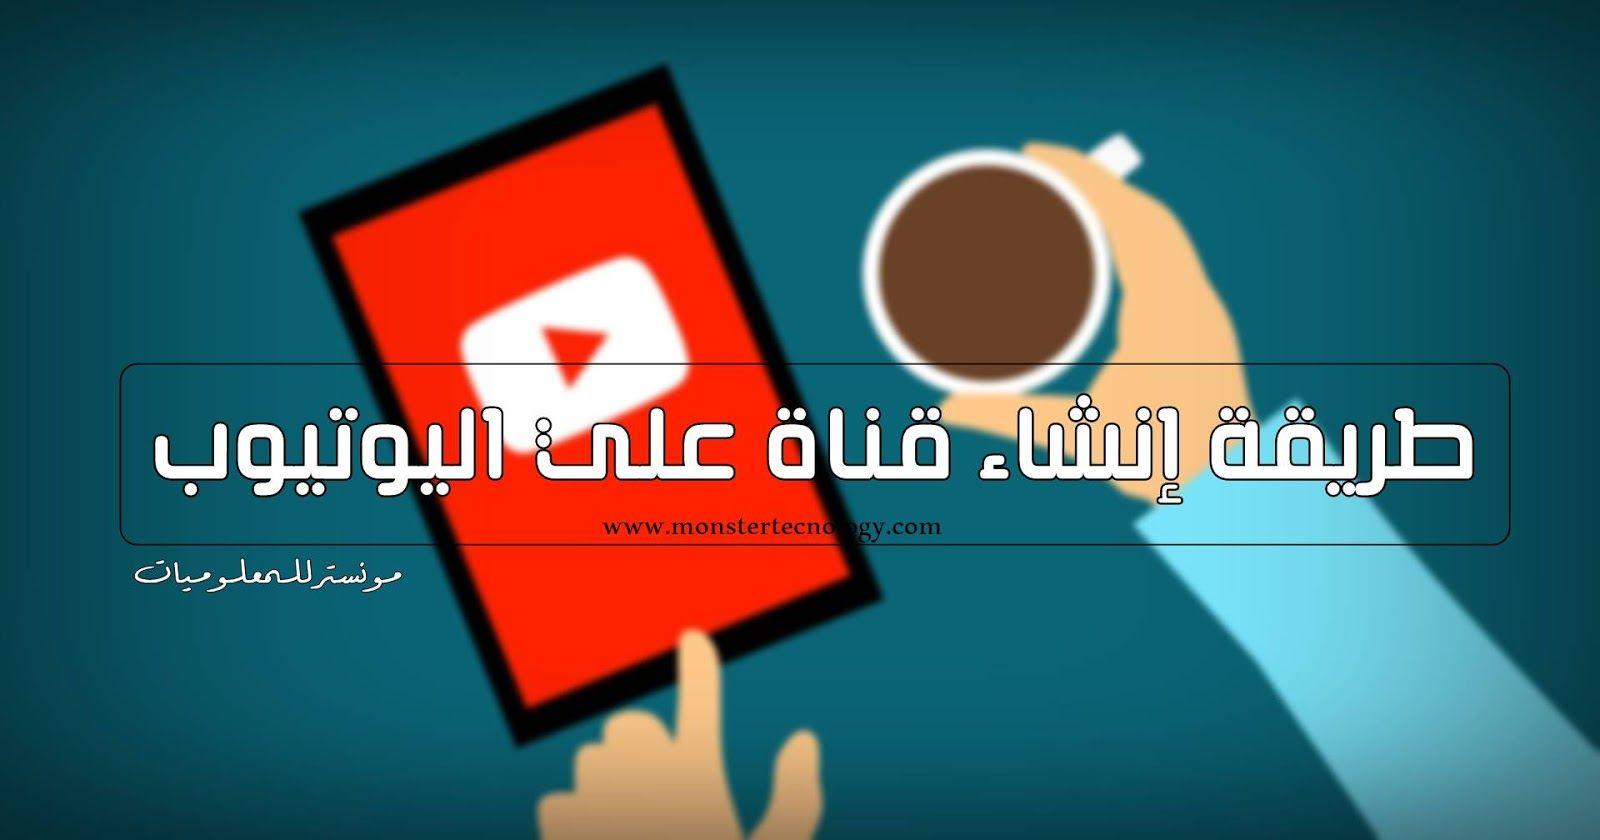 انشاء قناة علي اليوتيوب Youtube Movies Poster